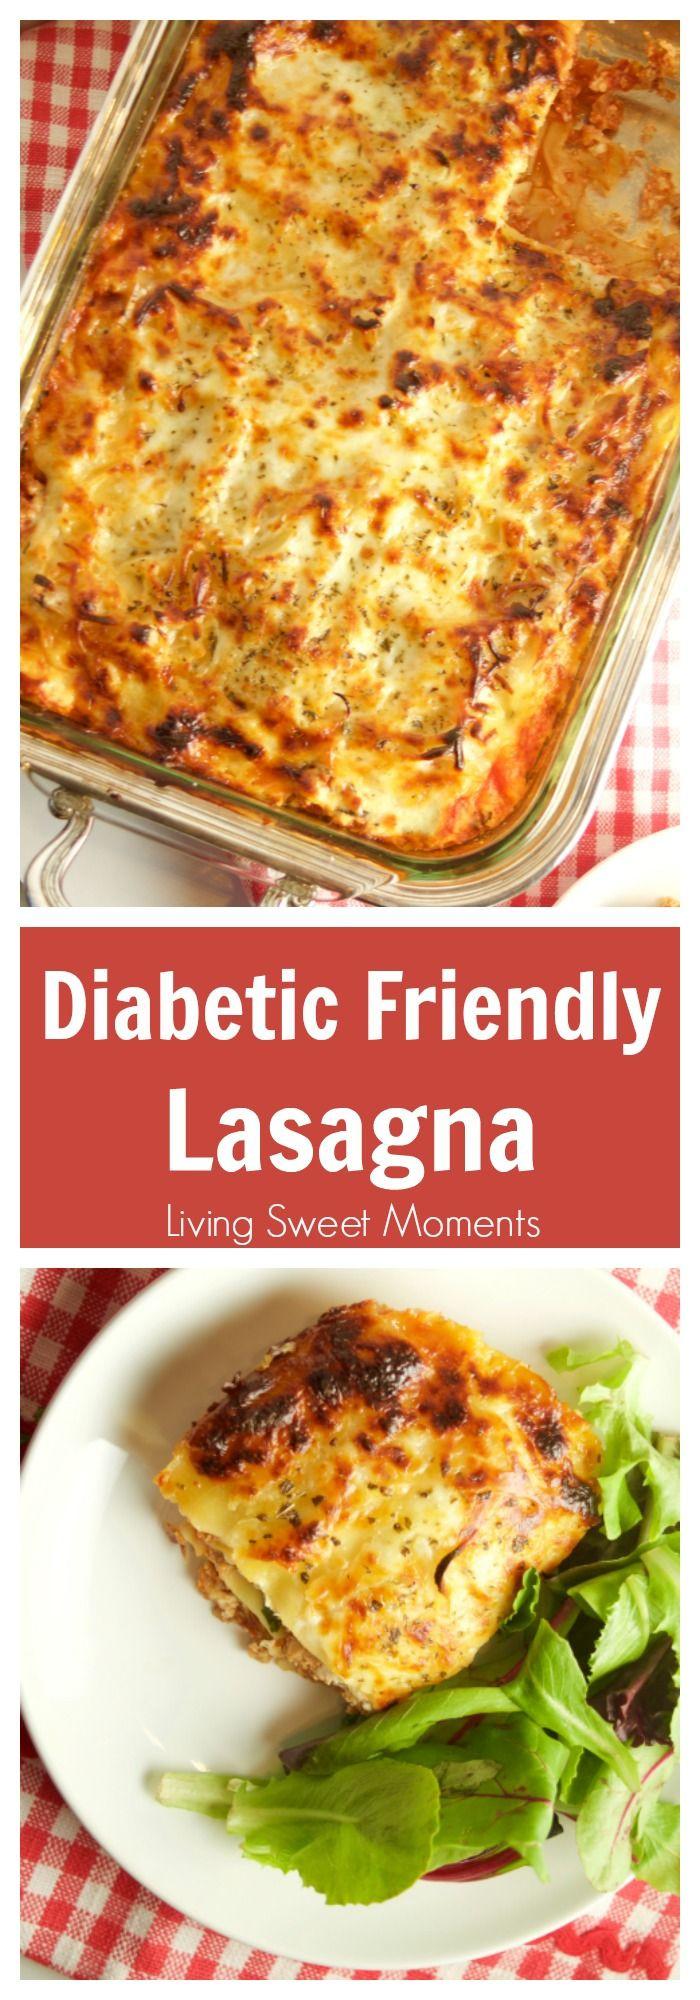 Easy Diabetic Breakfast Recipes  100 Diabetic Dinner Recipes on Pinterest